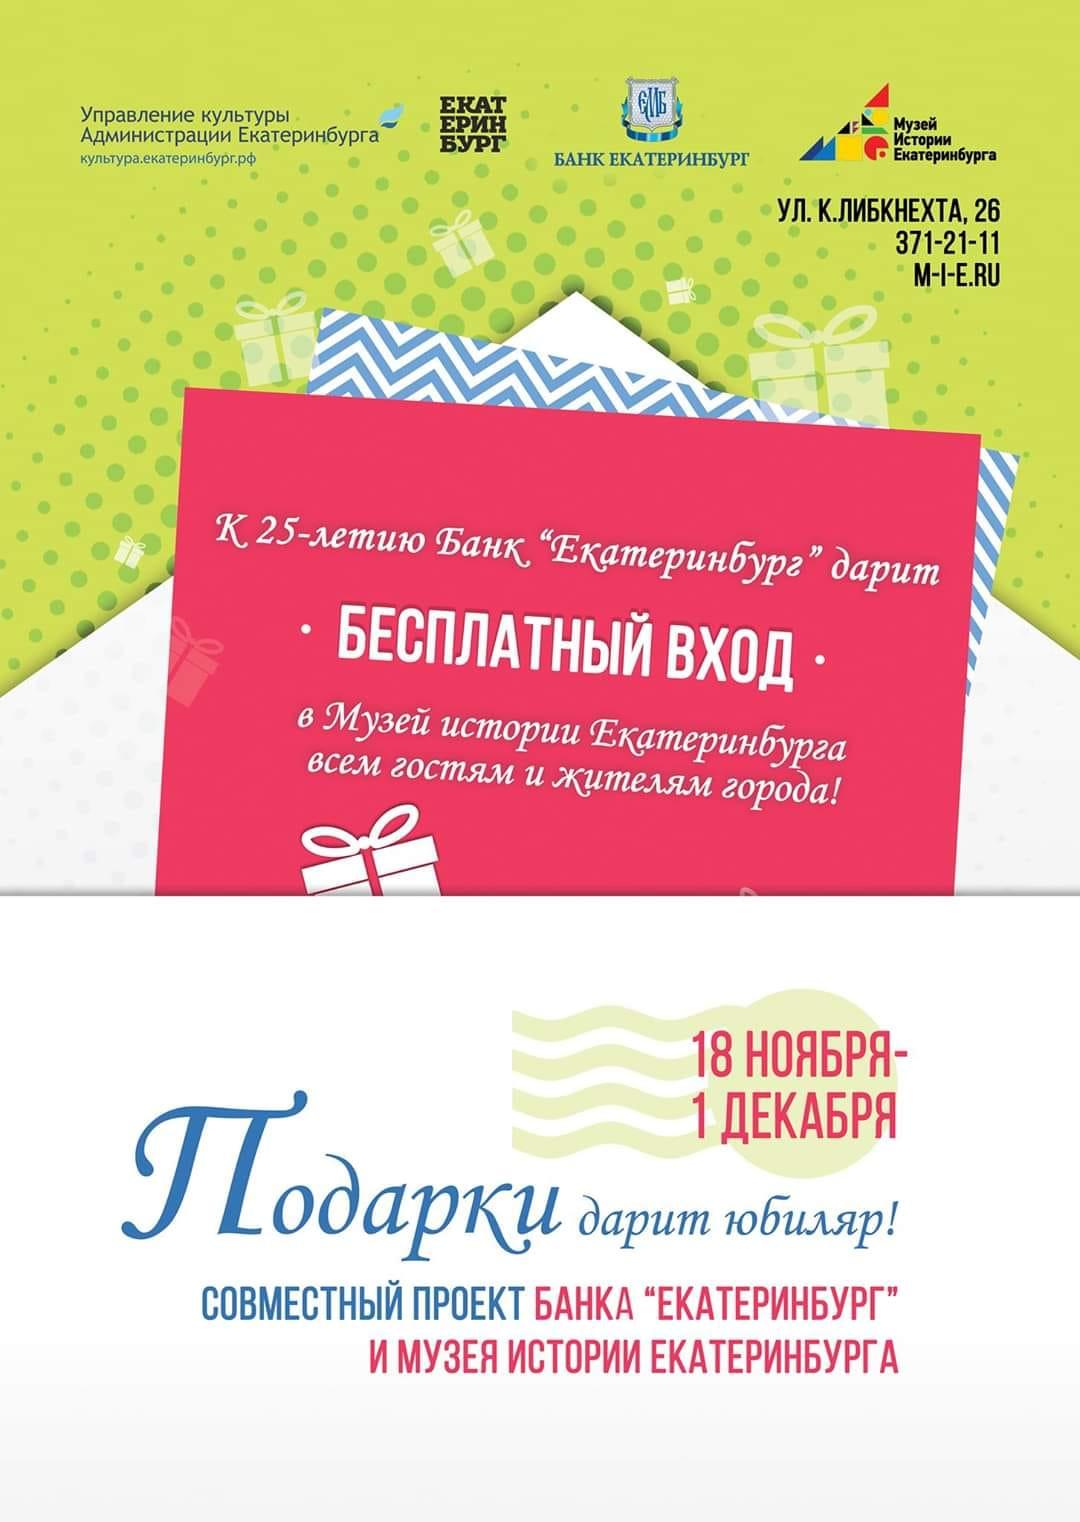 Посещение всех площадок Музея истории Екатеринбурга с 18 ноября бесплатно на 2 недели